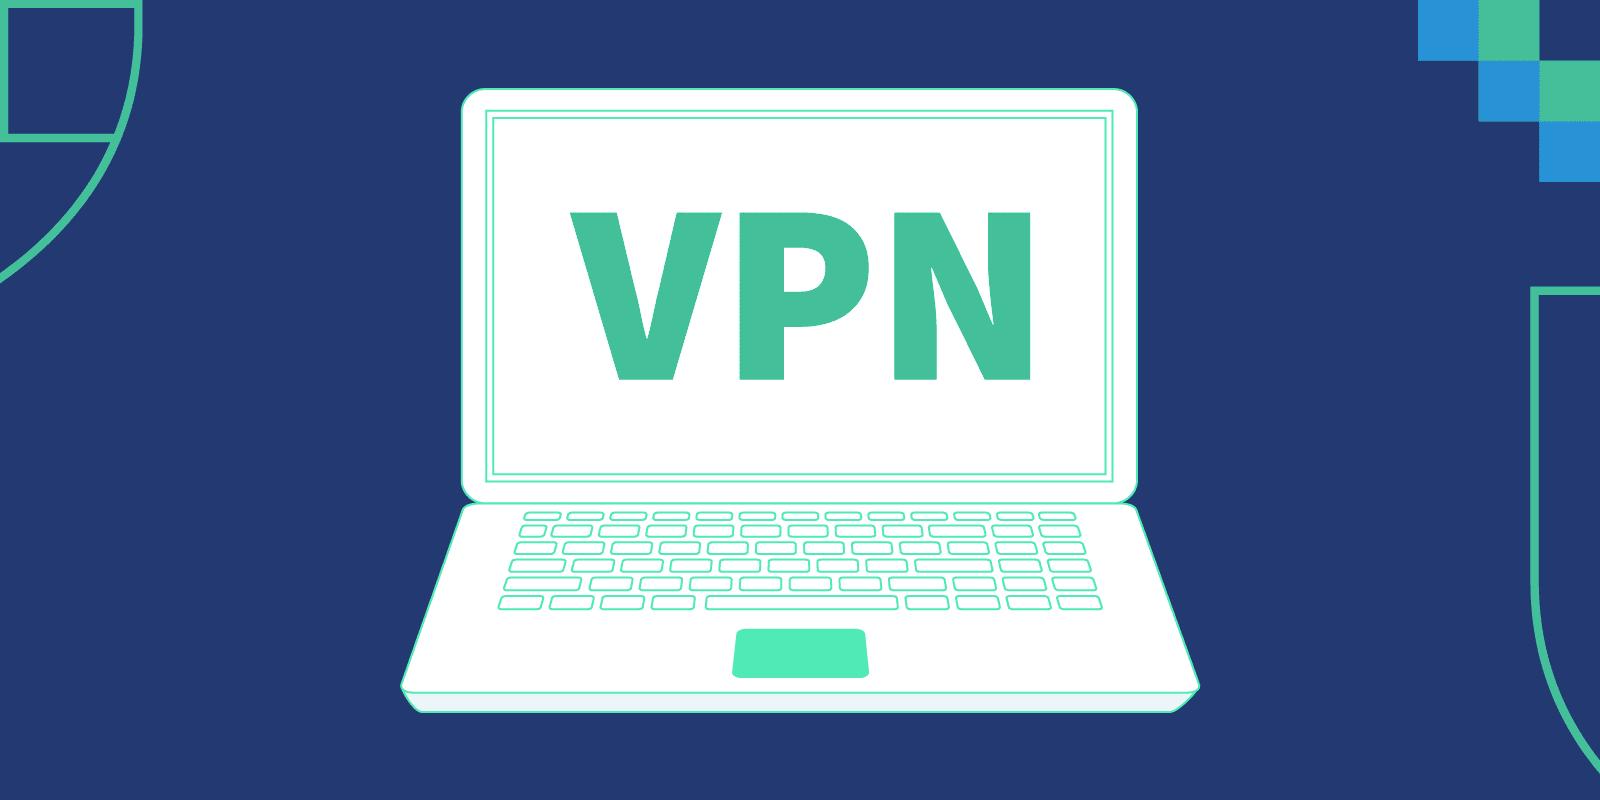 ضبط إعدادات vpn للاندرويد